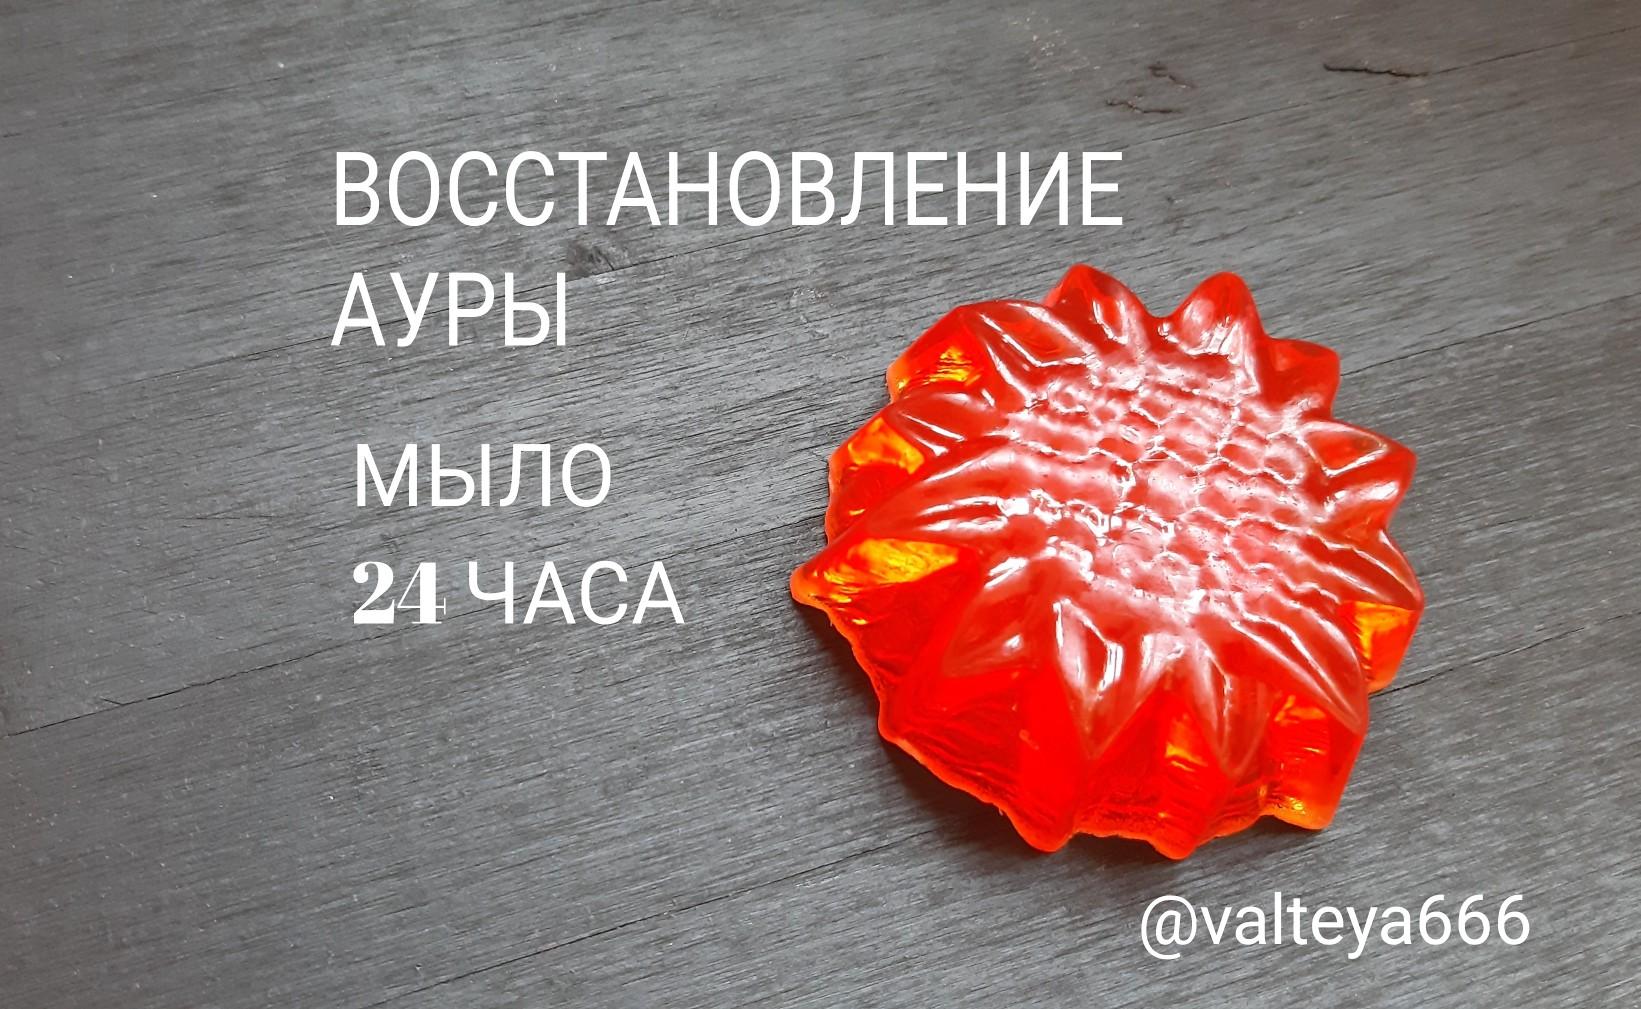 Хештег карьера на   Салон Магии и мистики Елены Руденко ( Валтеи ). Киев ,тел: 0506251562  EwnlNBUSwfQ